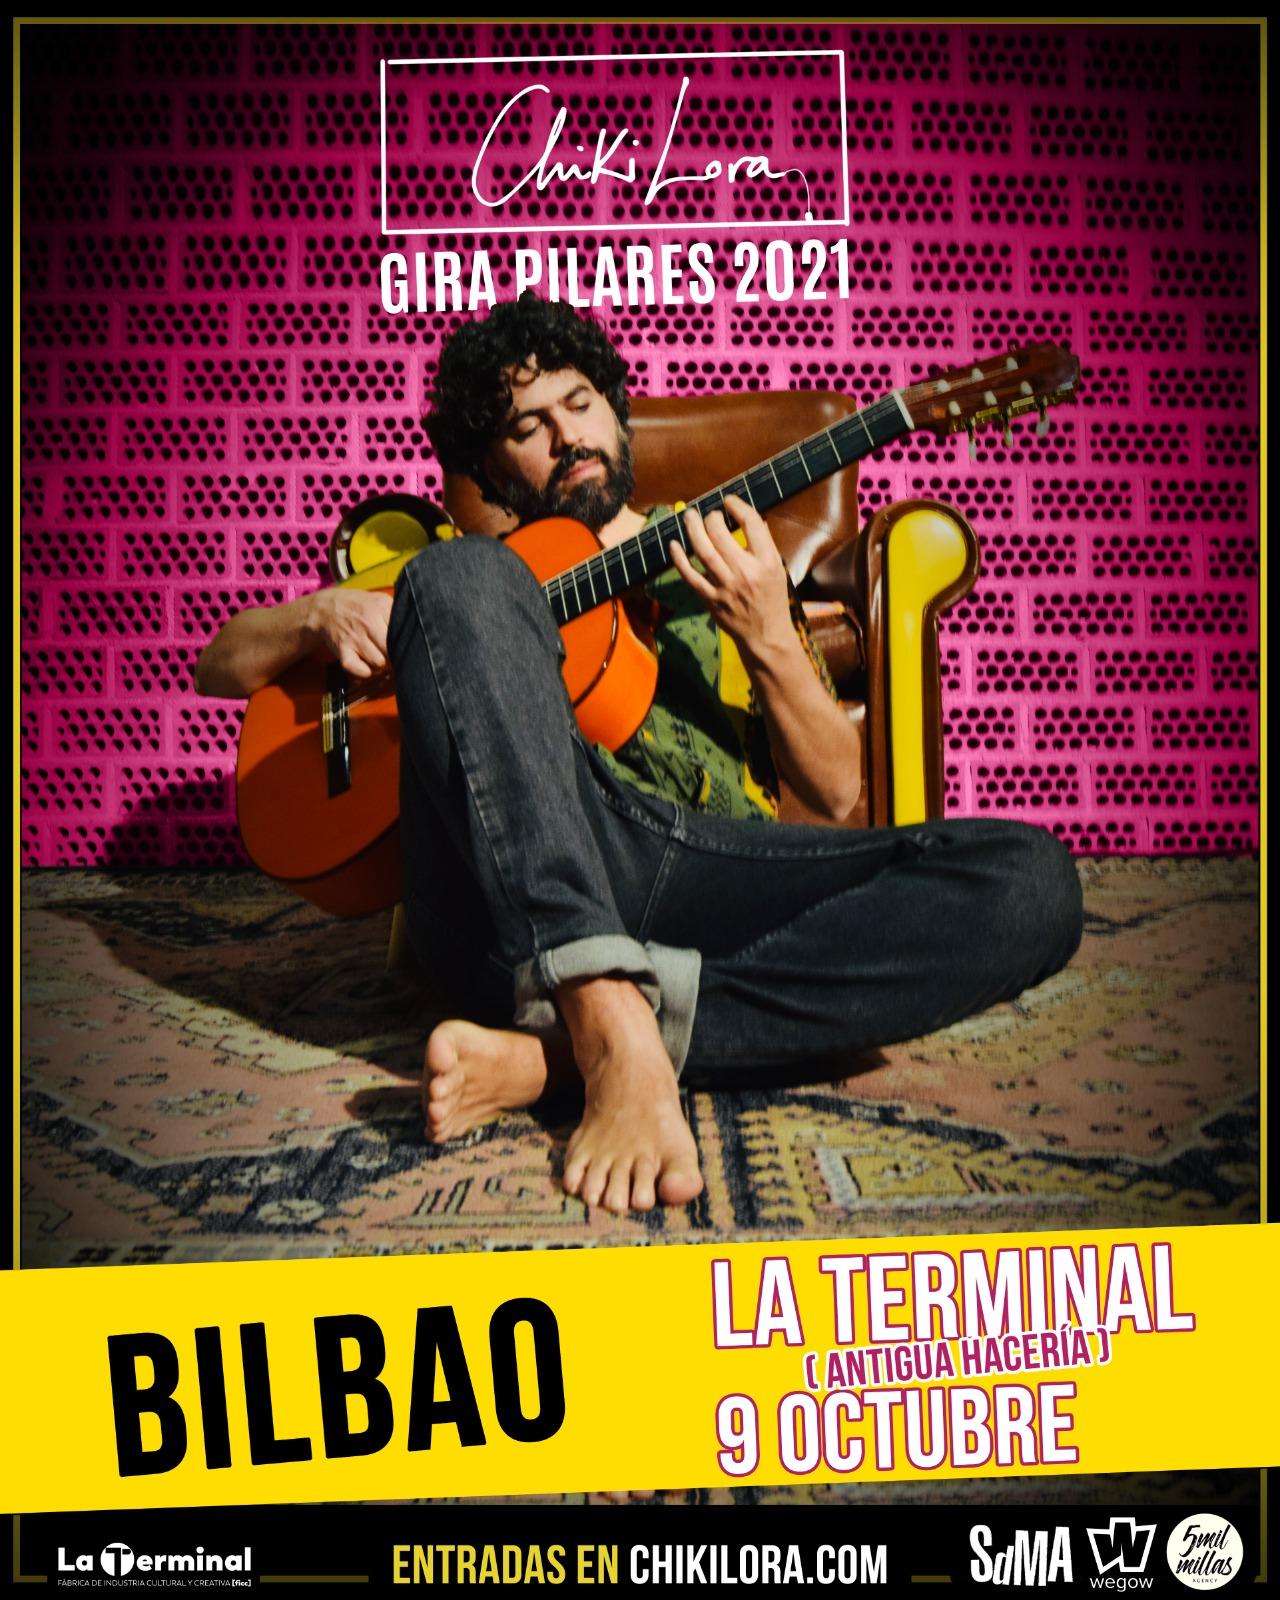 concierto de chiki lora bilbao 16309493011206808